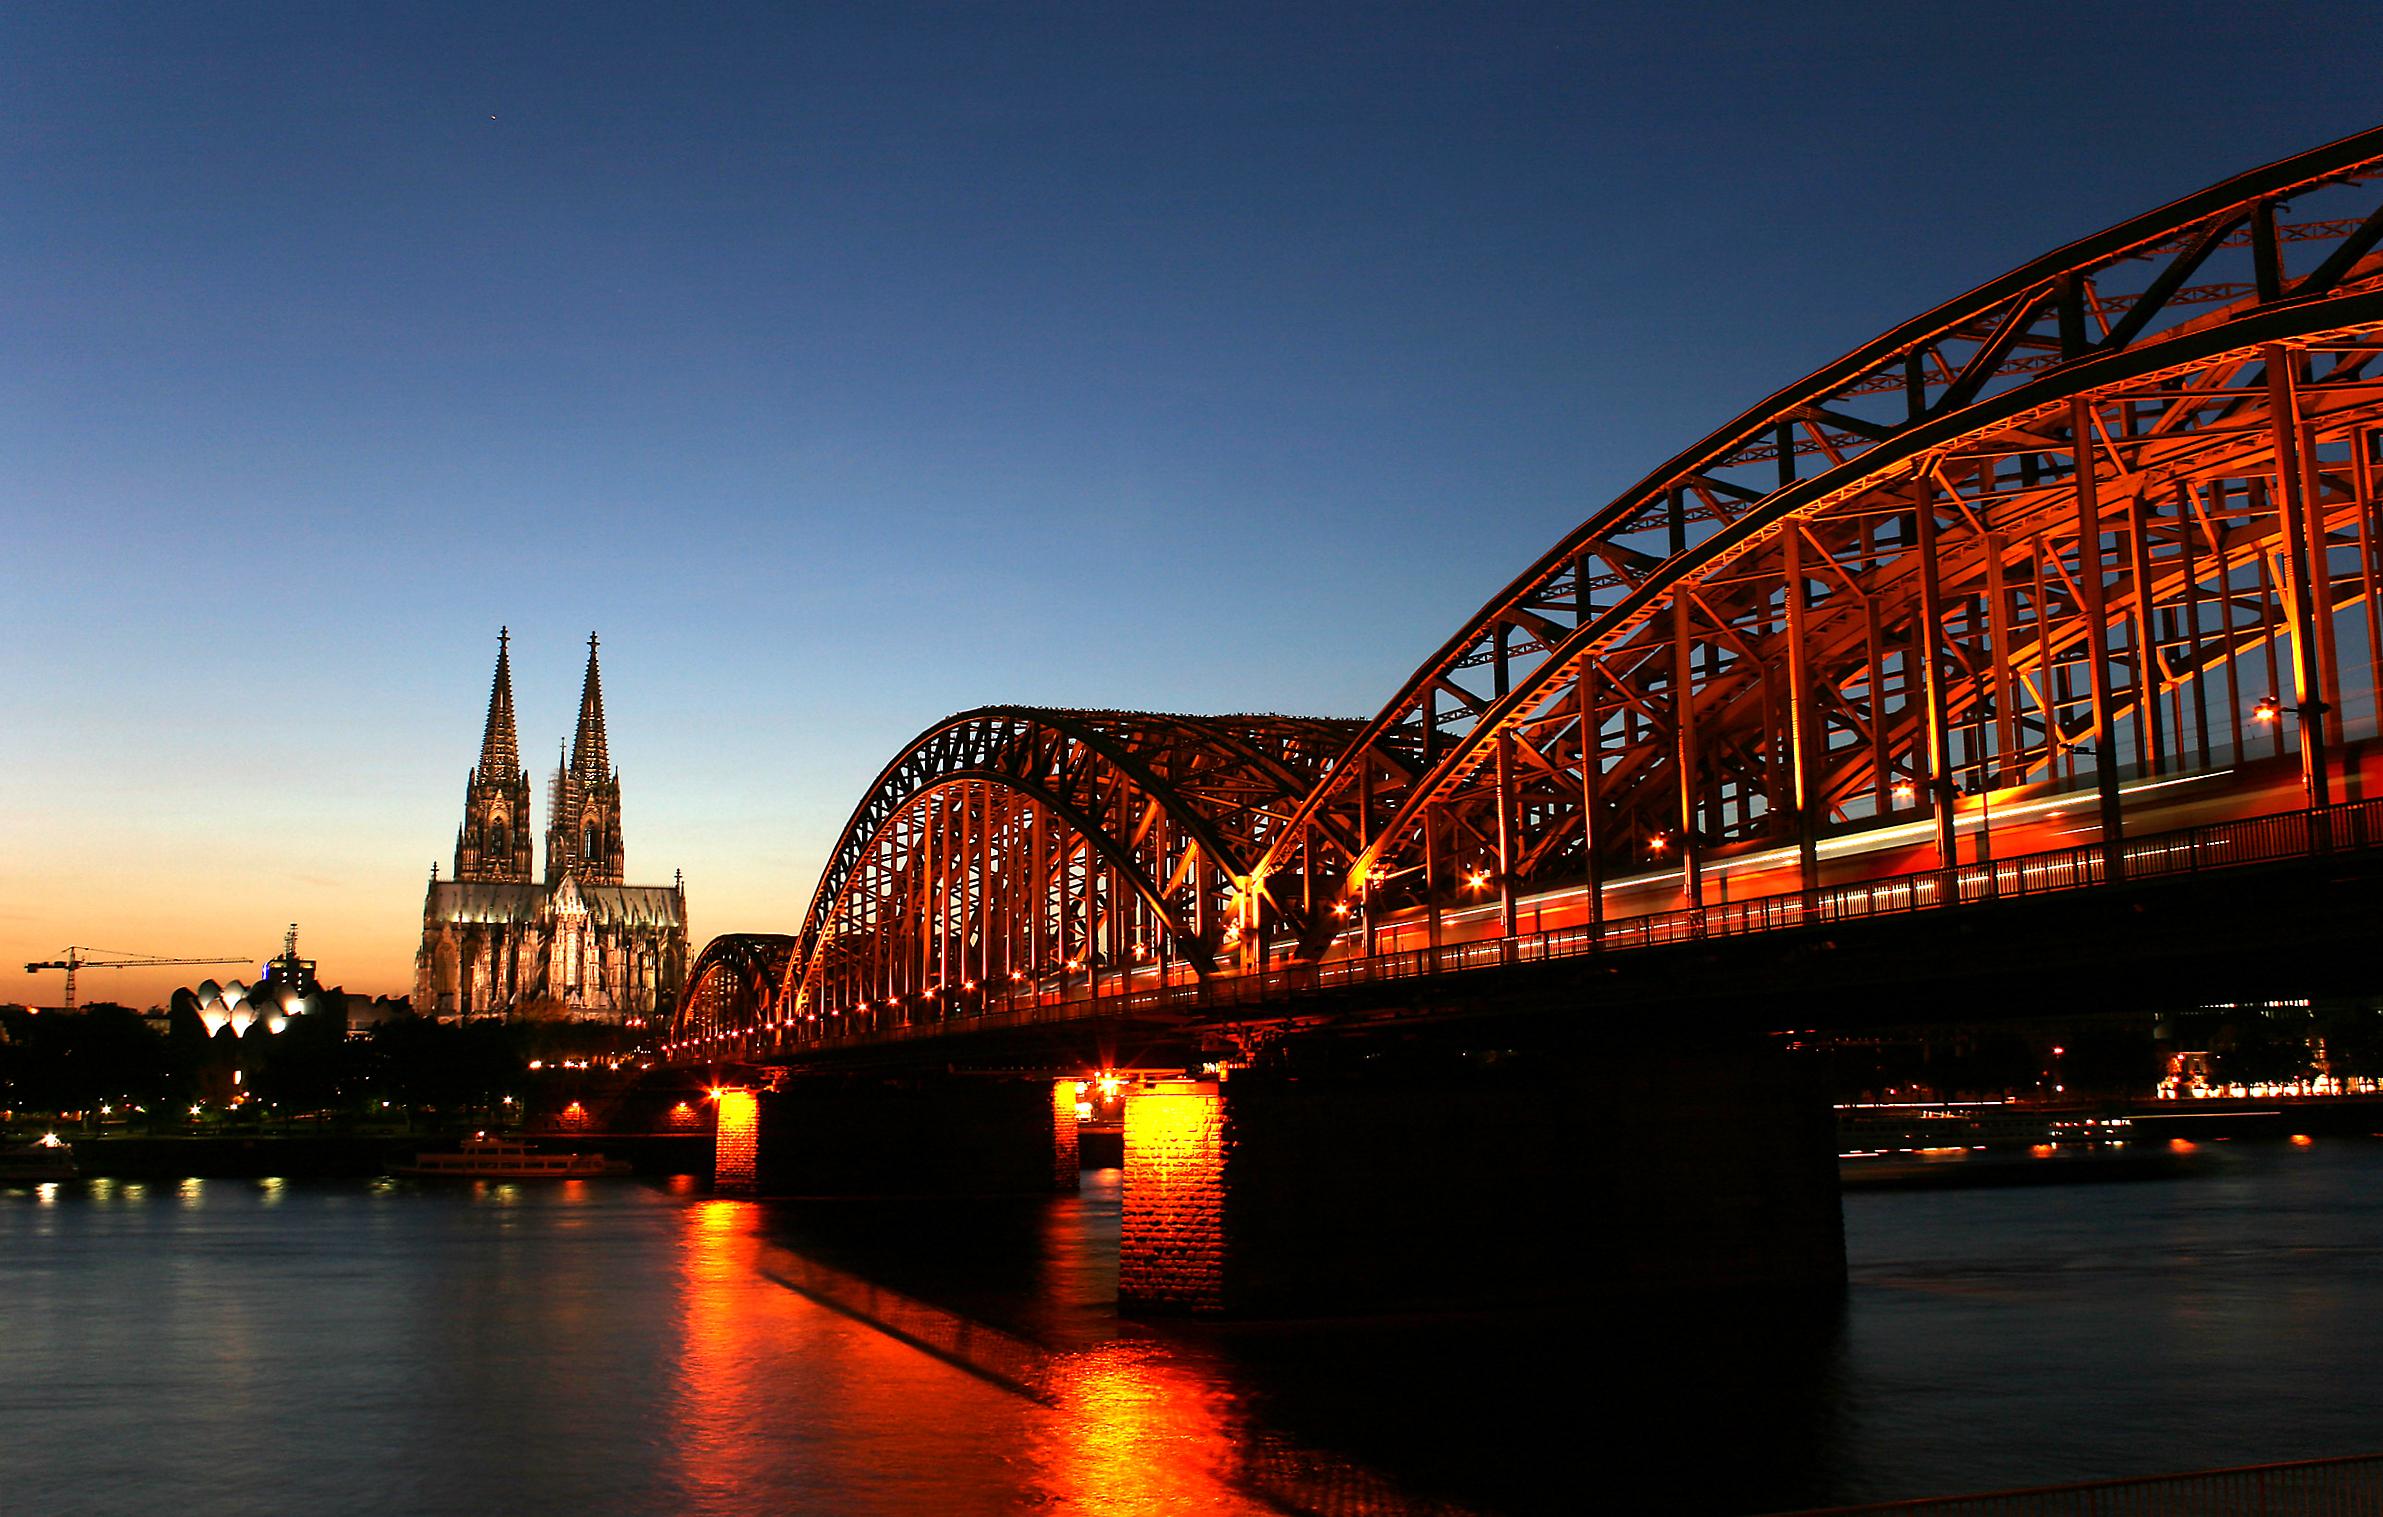 Kölner_Rhein_Dom.jpg